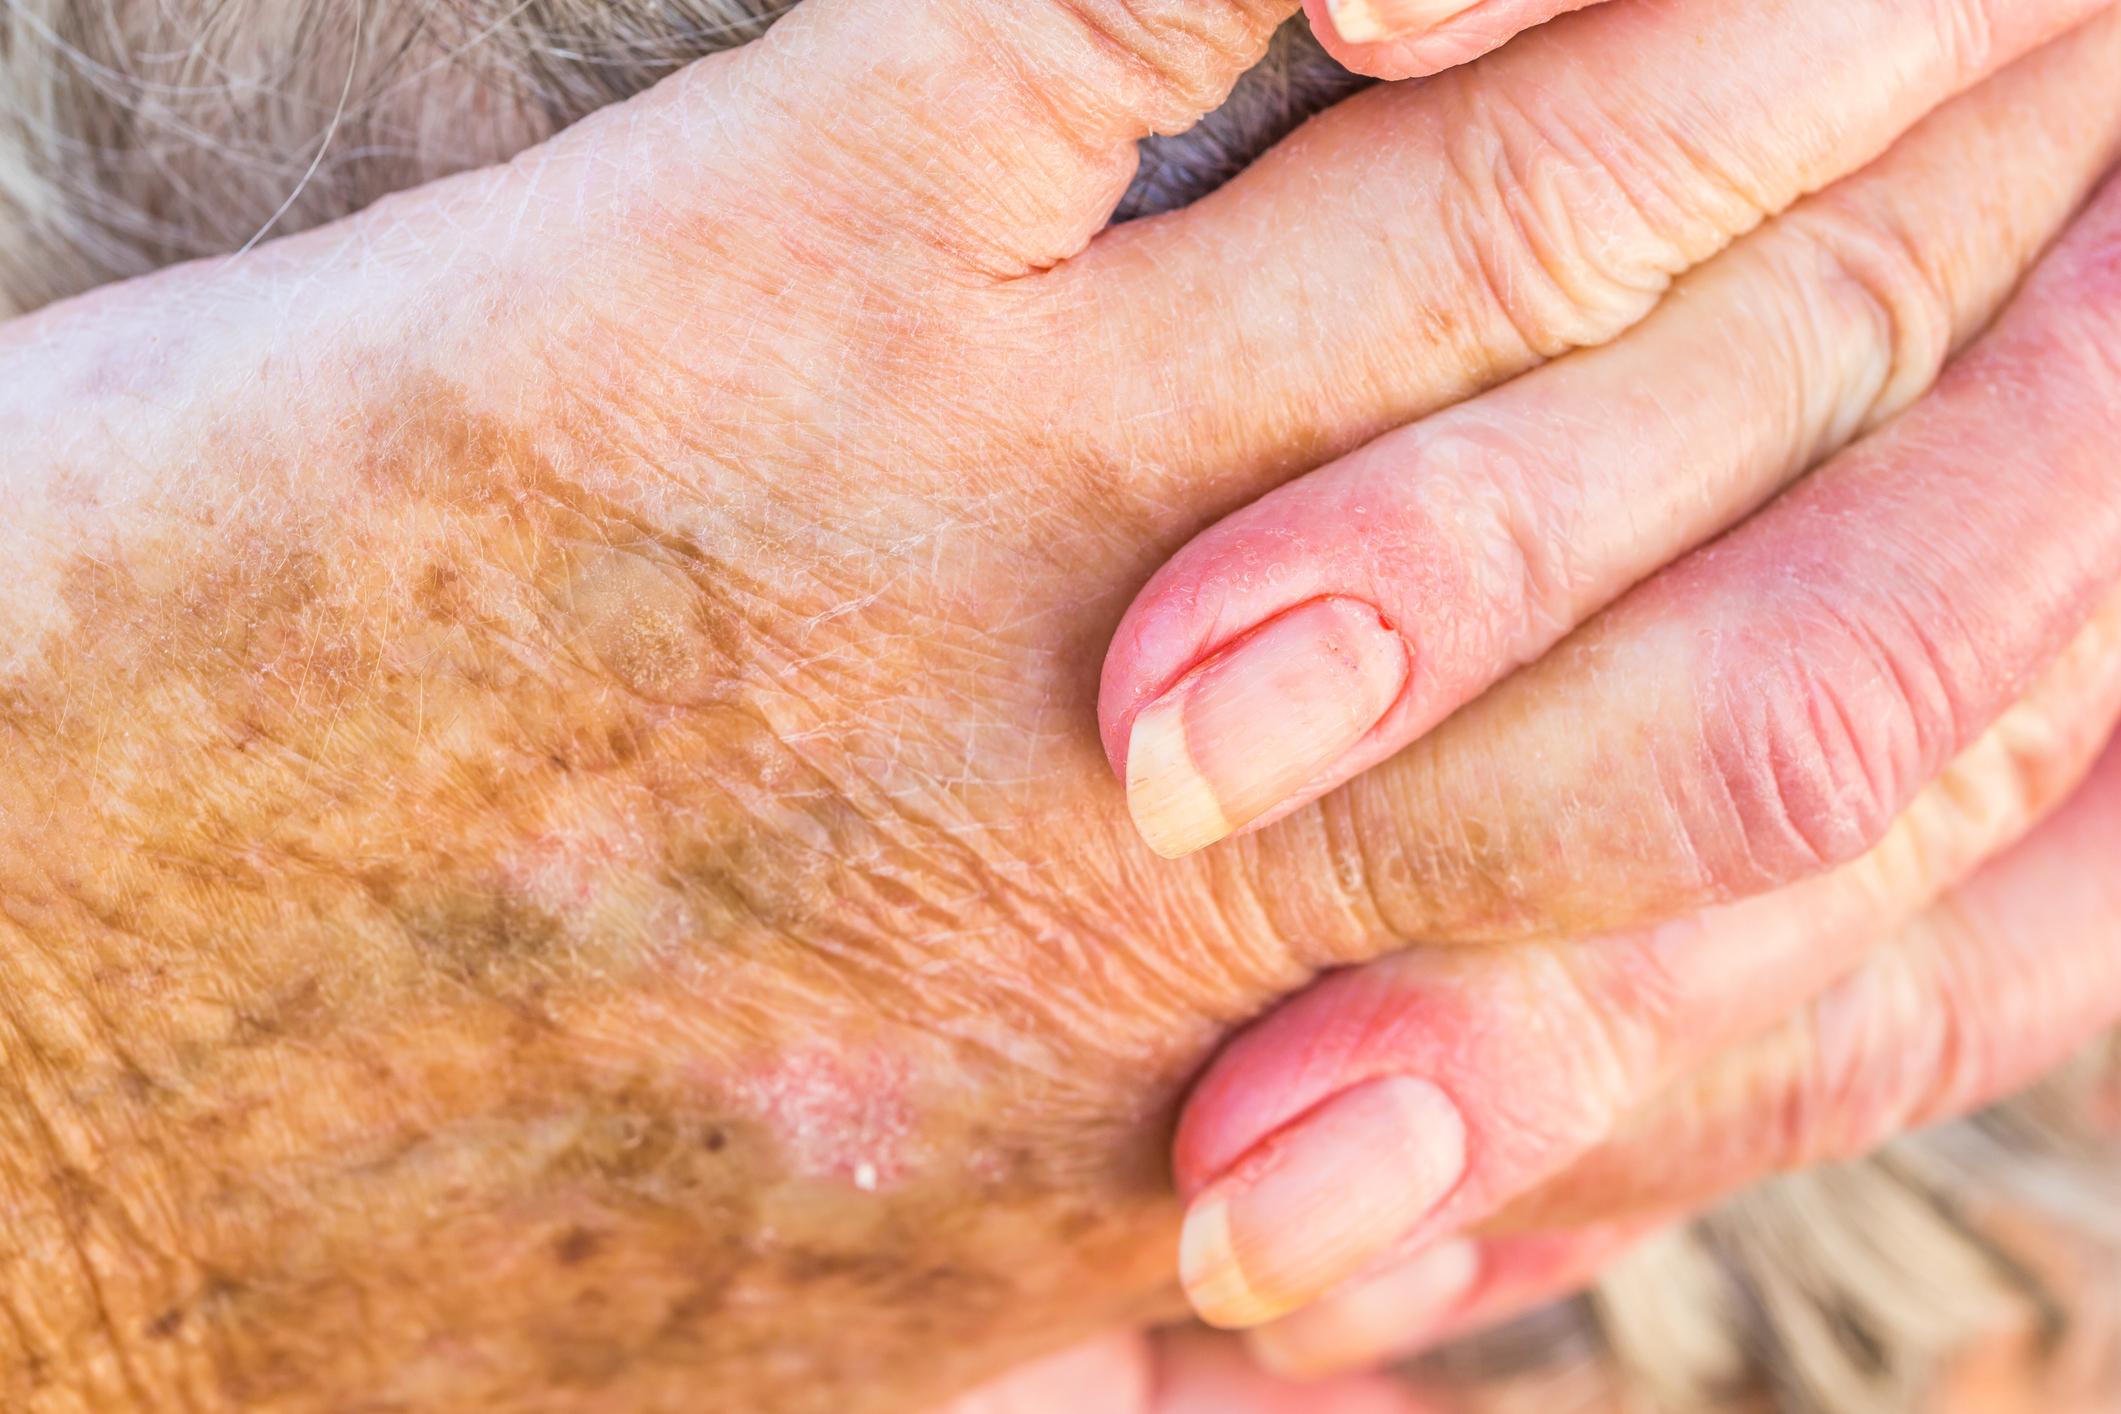 mit jelentenek a kéz piros foltjai